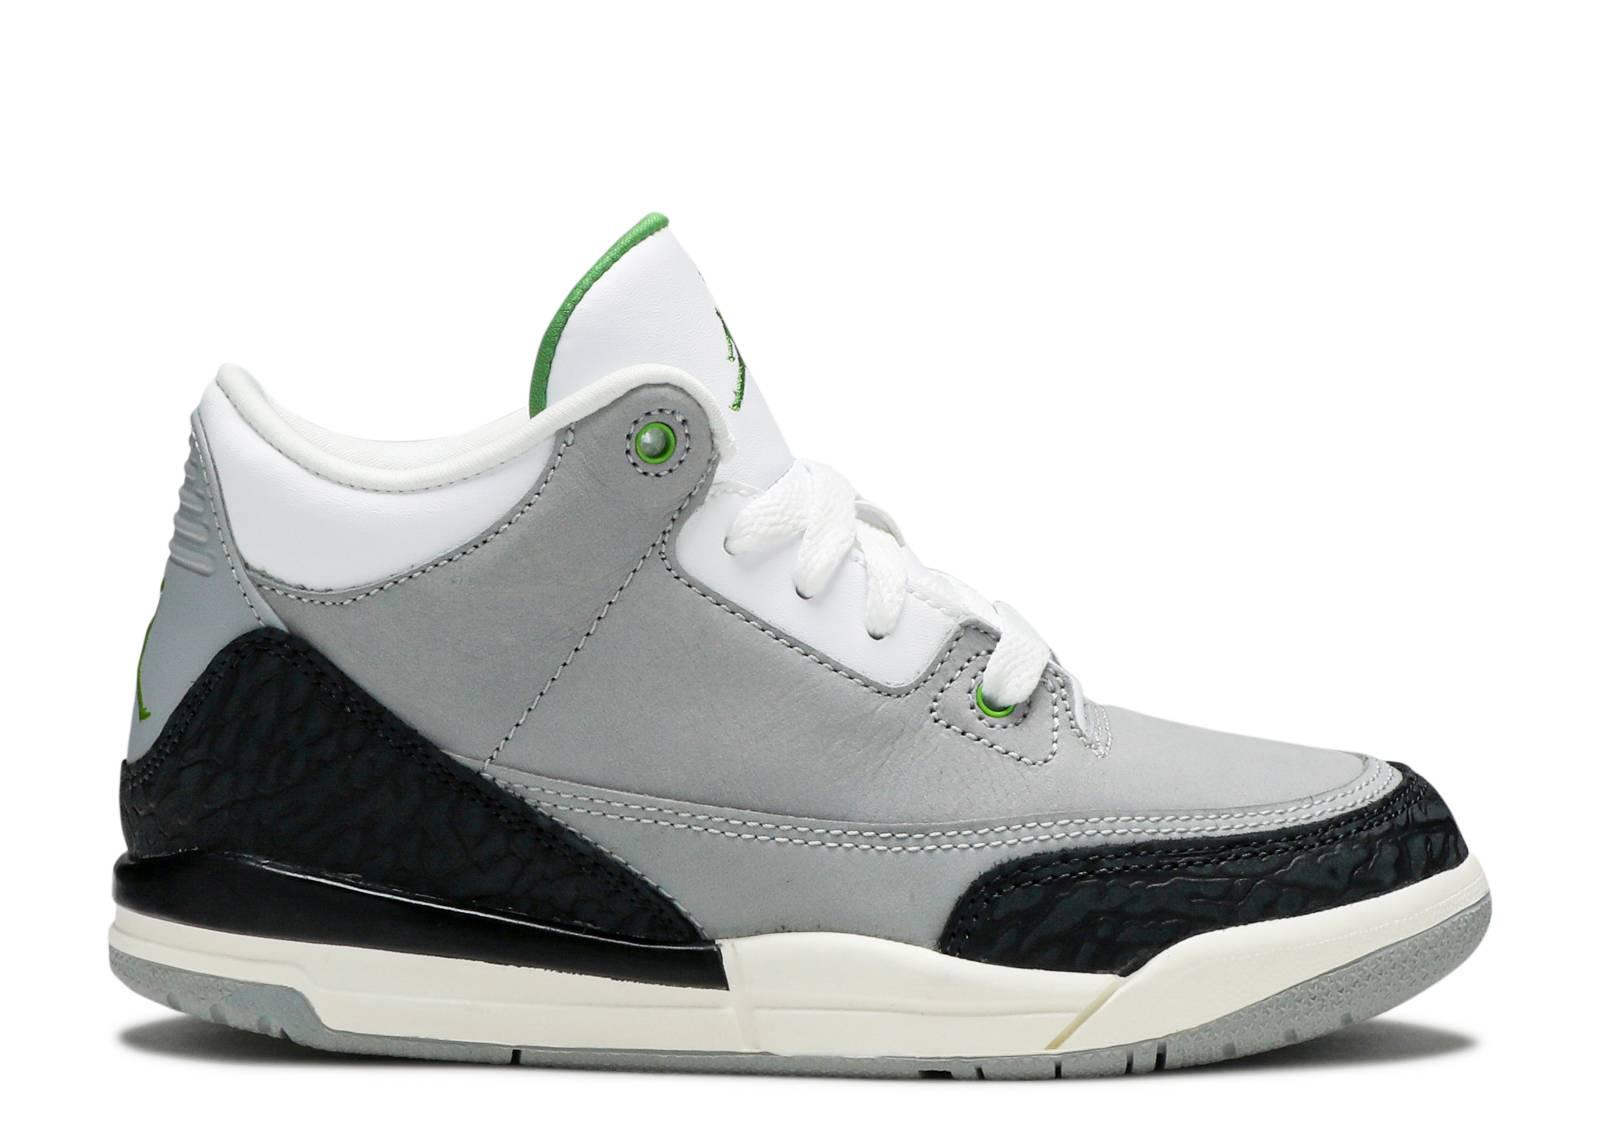 1d479817d5592c Jordan 3 Retro